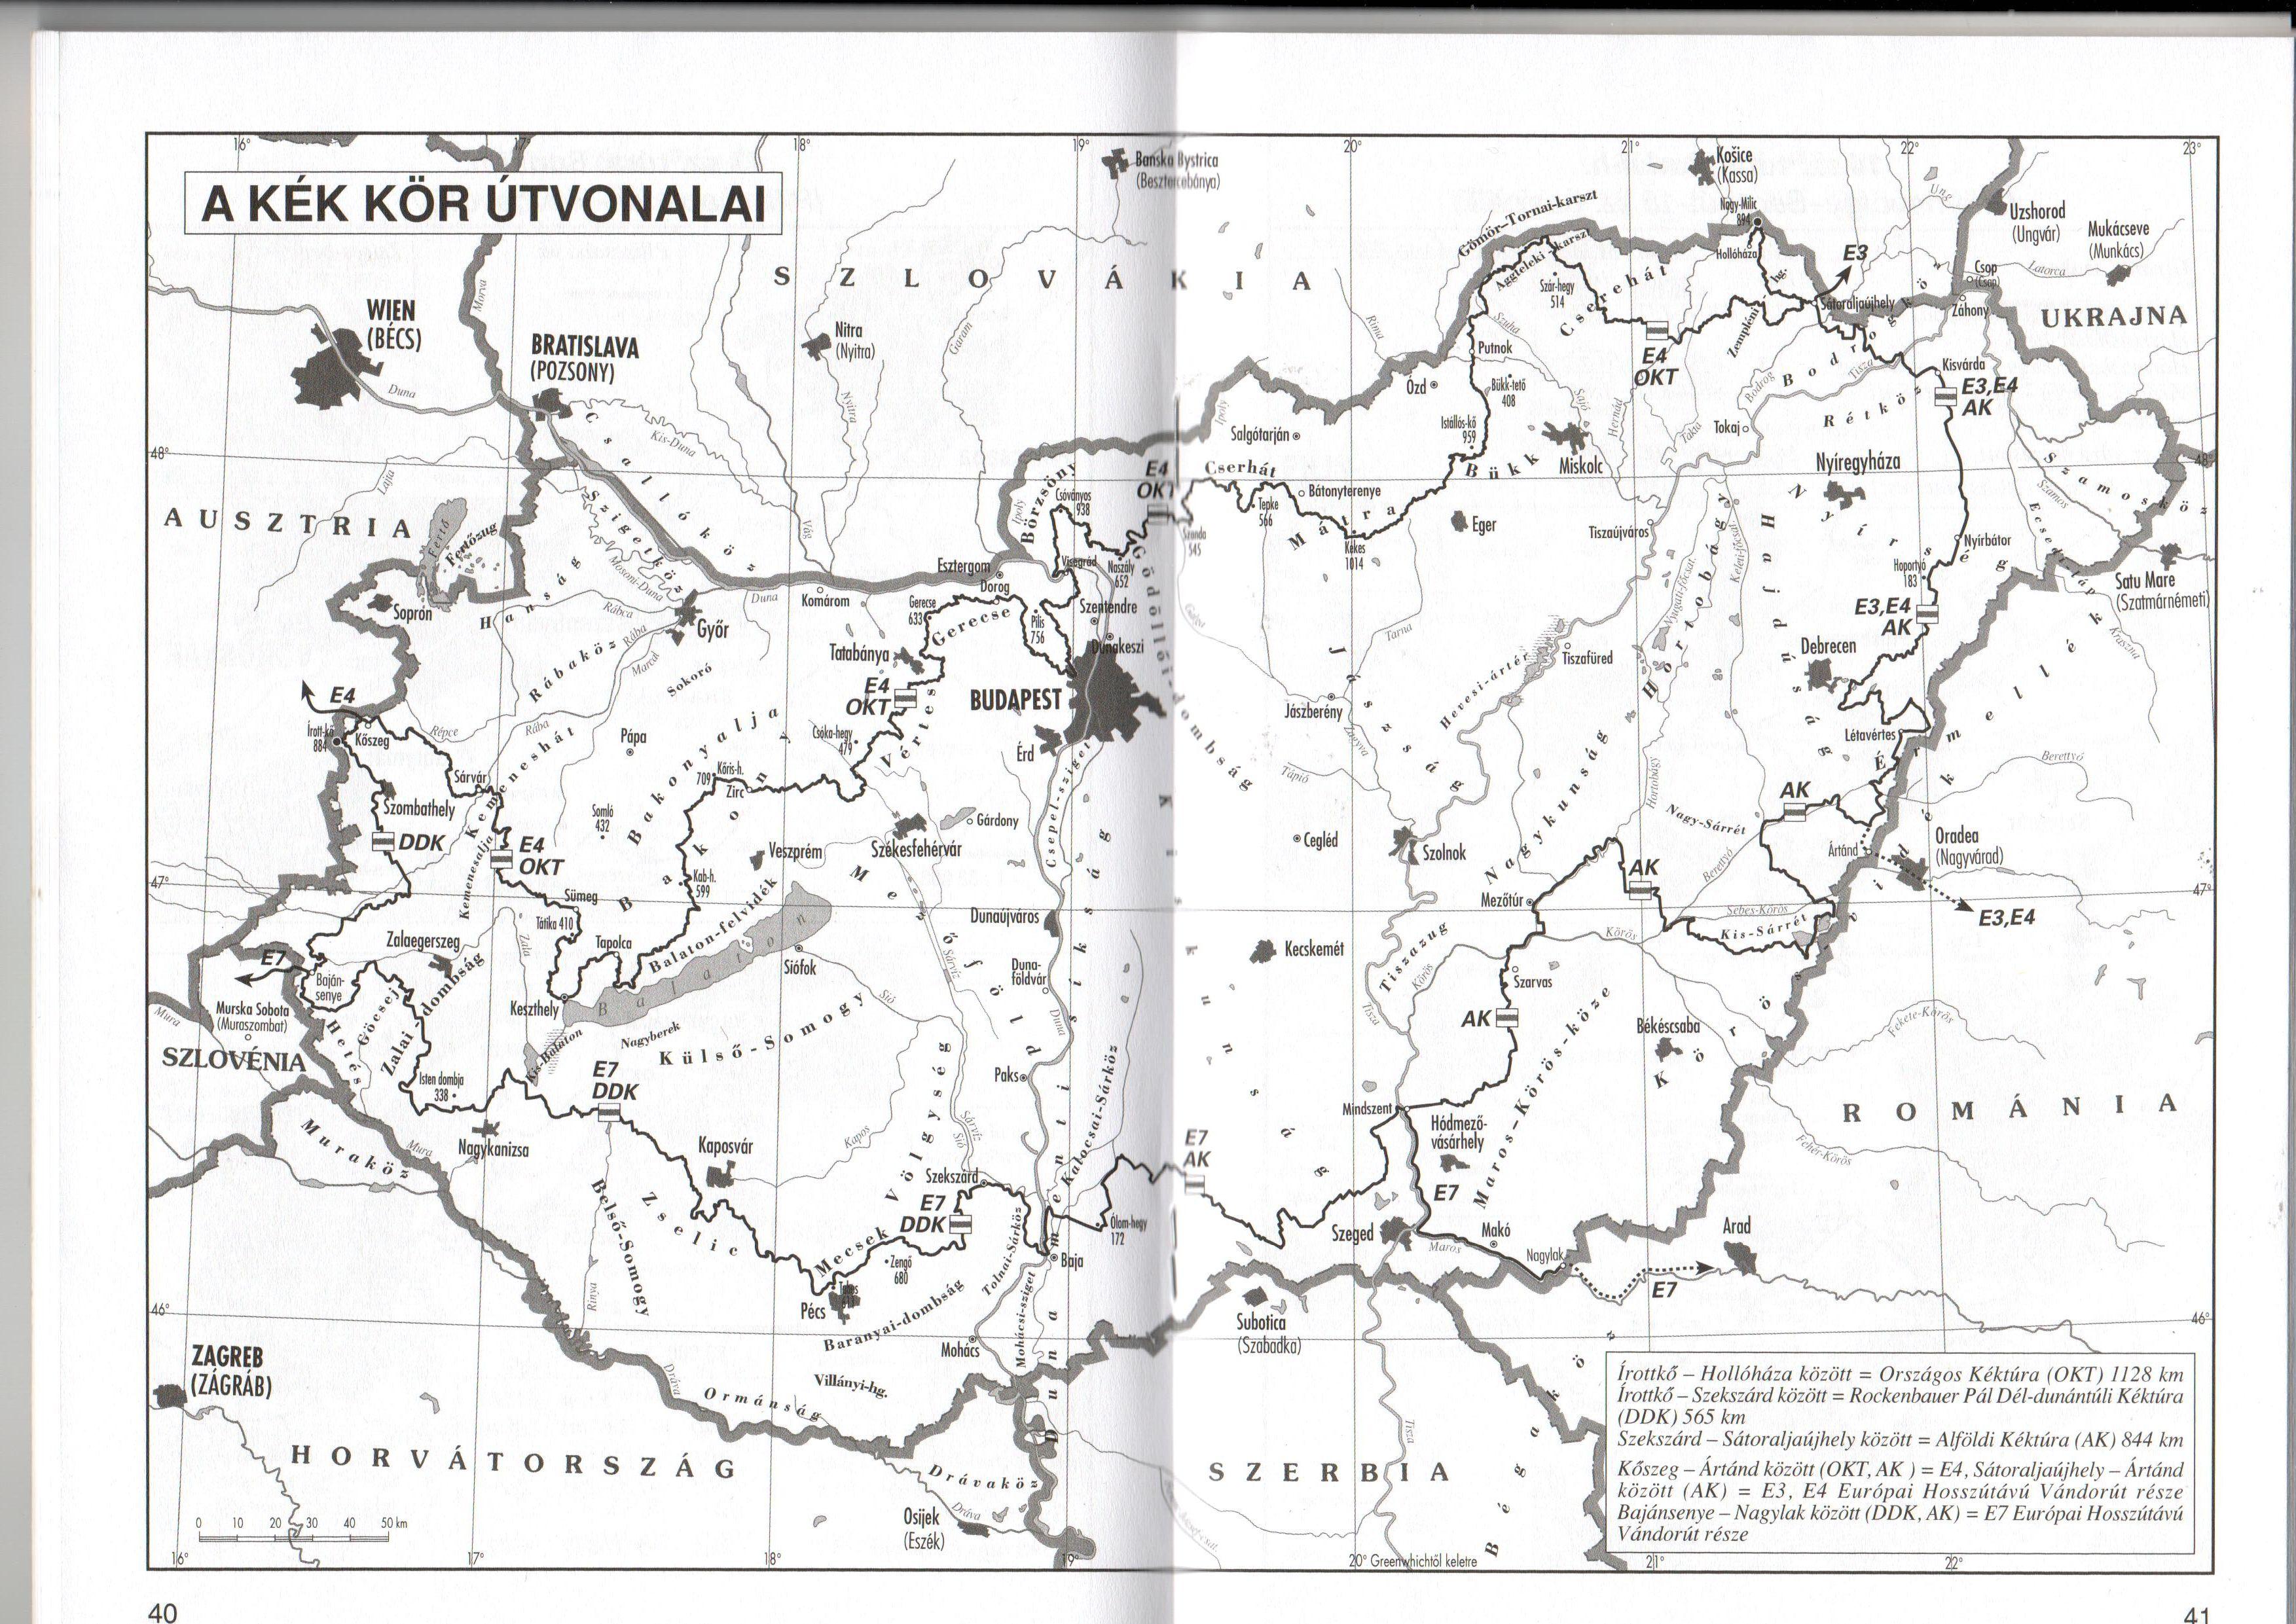 Kéktúra igazolófüzet áttekintő térkép